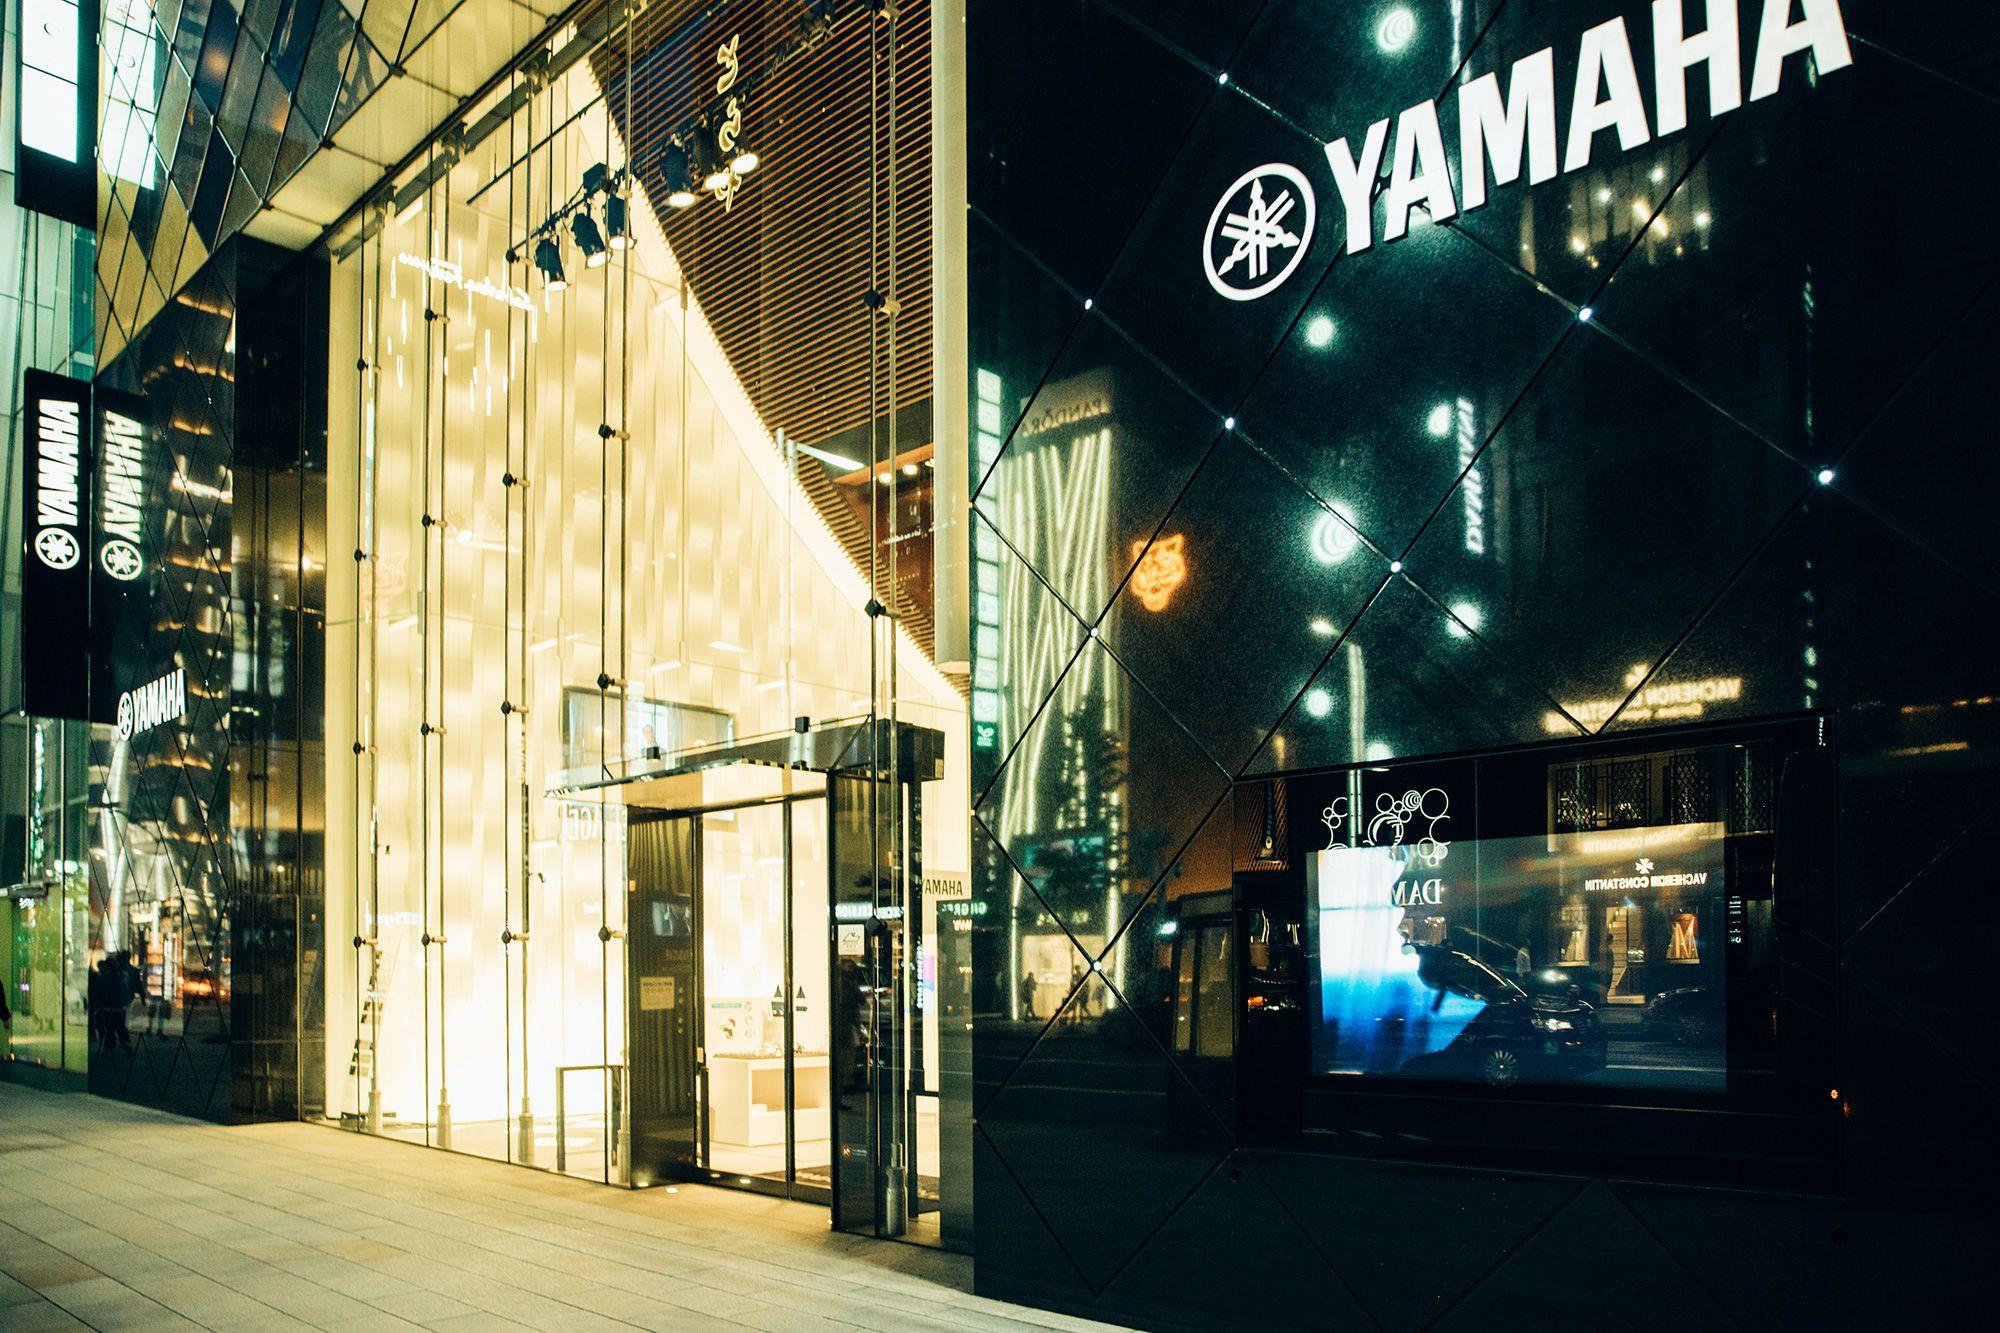 銀座通りに面するヤマハ銀座ビル。音楽を愛する人のための贅沢な空間だ。